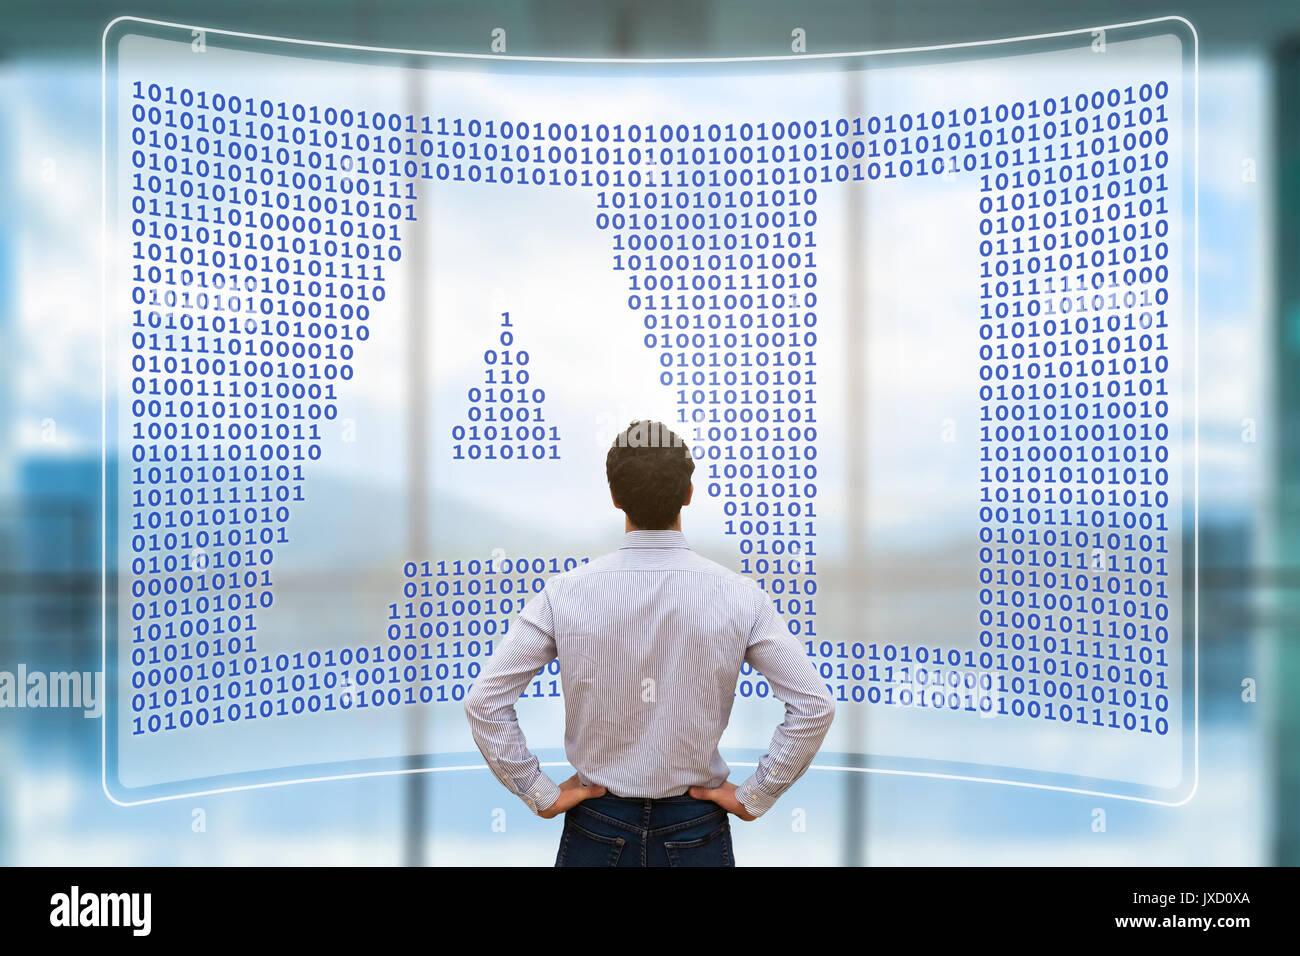 Concepto de inteligencia artificial con texto AI en código binario matrix en pantalla virtual y la persona que trabaja con la tecnología cibernética y automatización Imagen De Stock